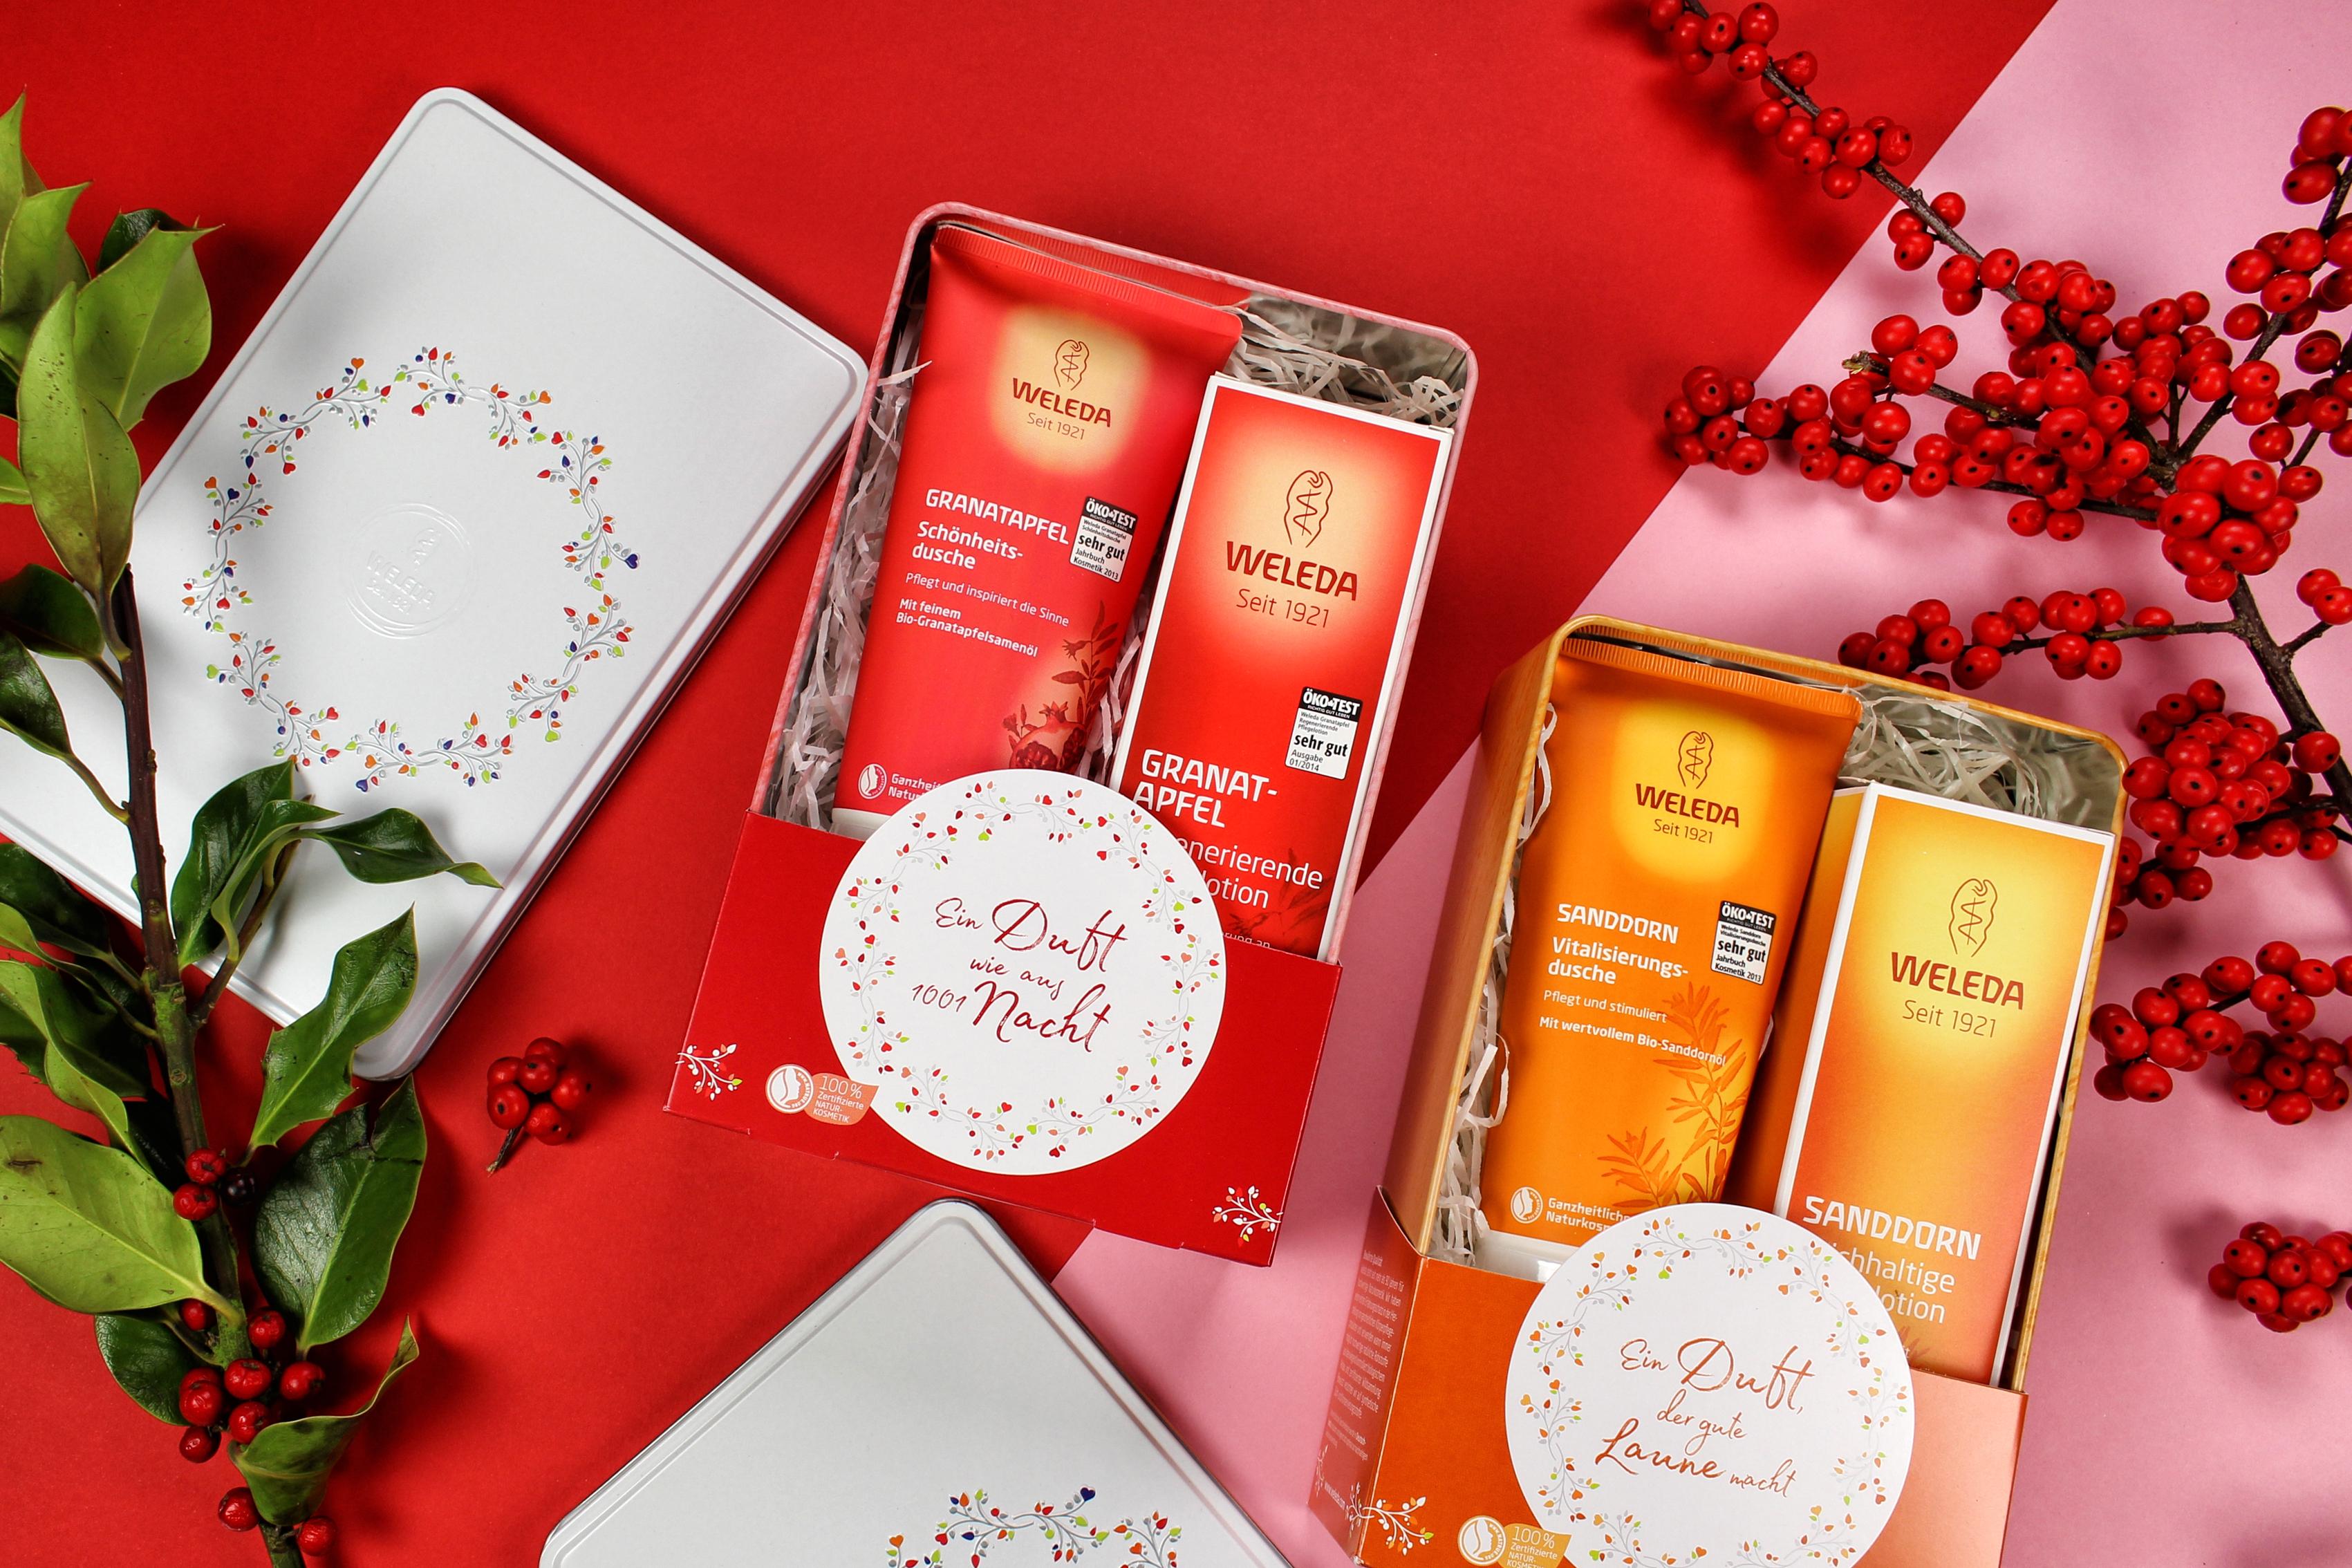 weleda-weihnachtssets-2017-vielfalt-ist-ein-geschenk